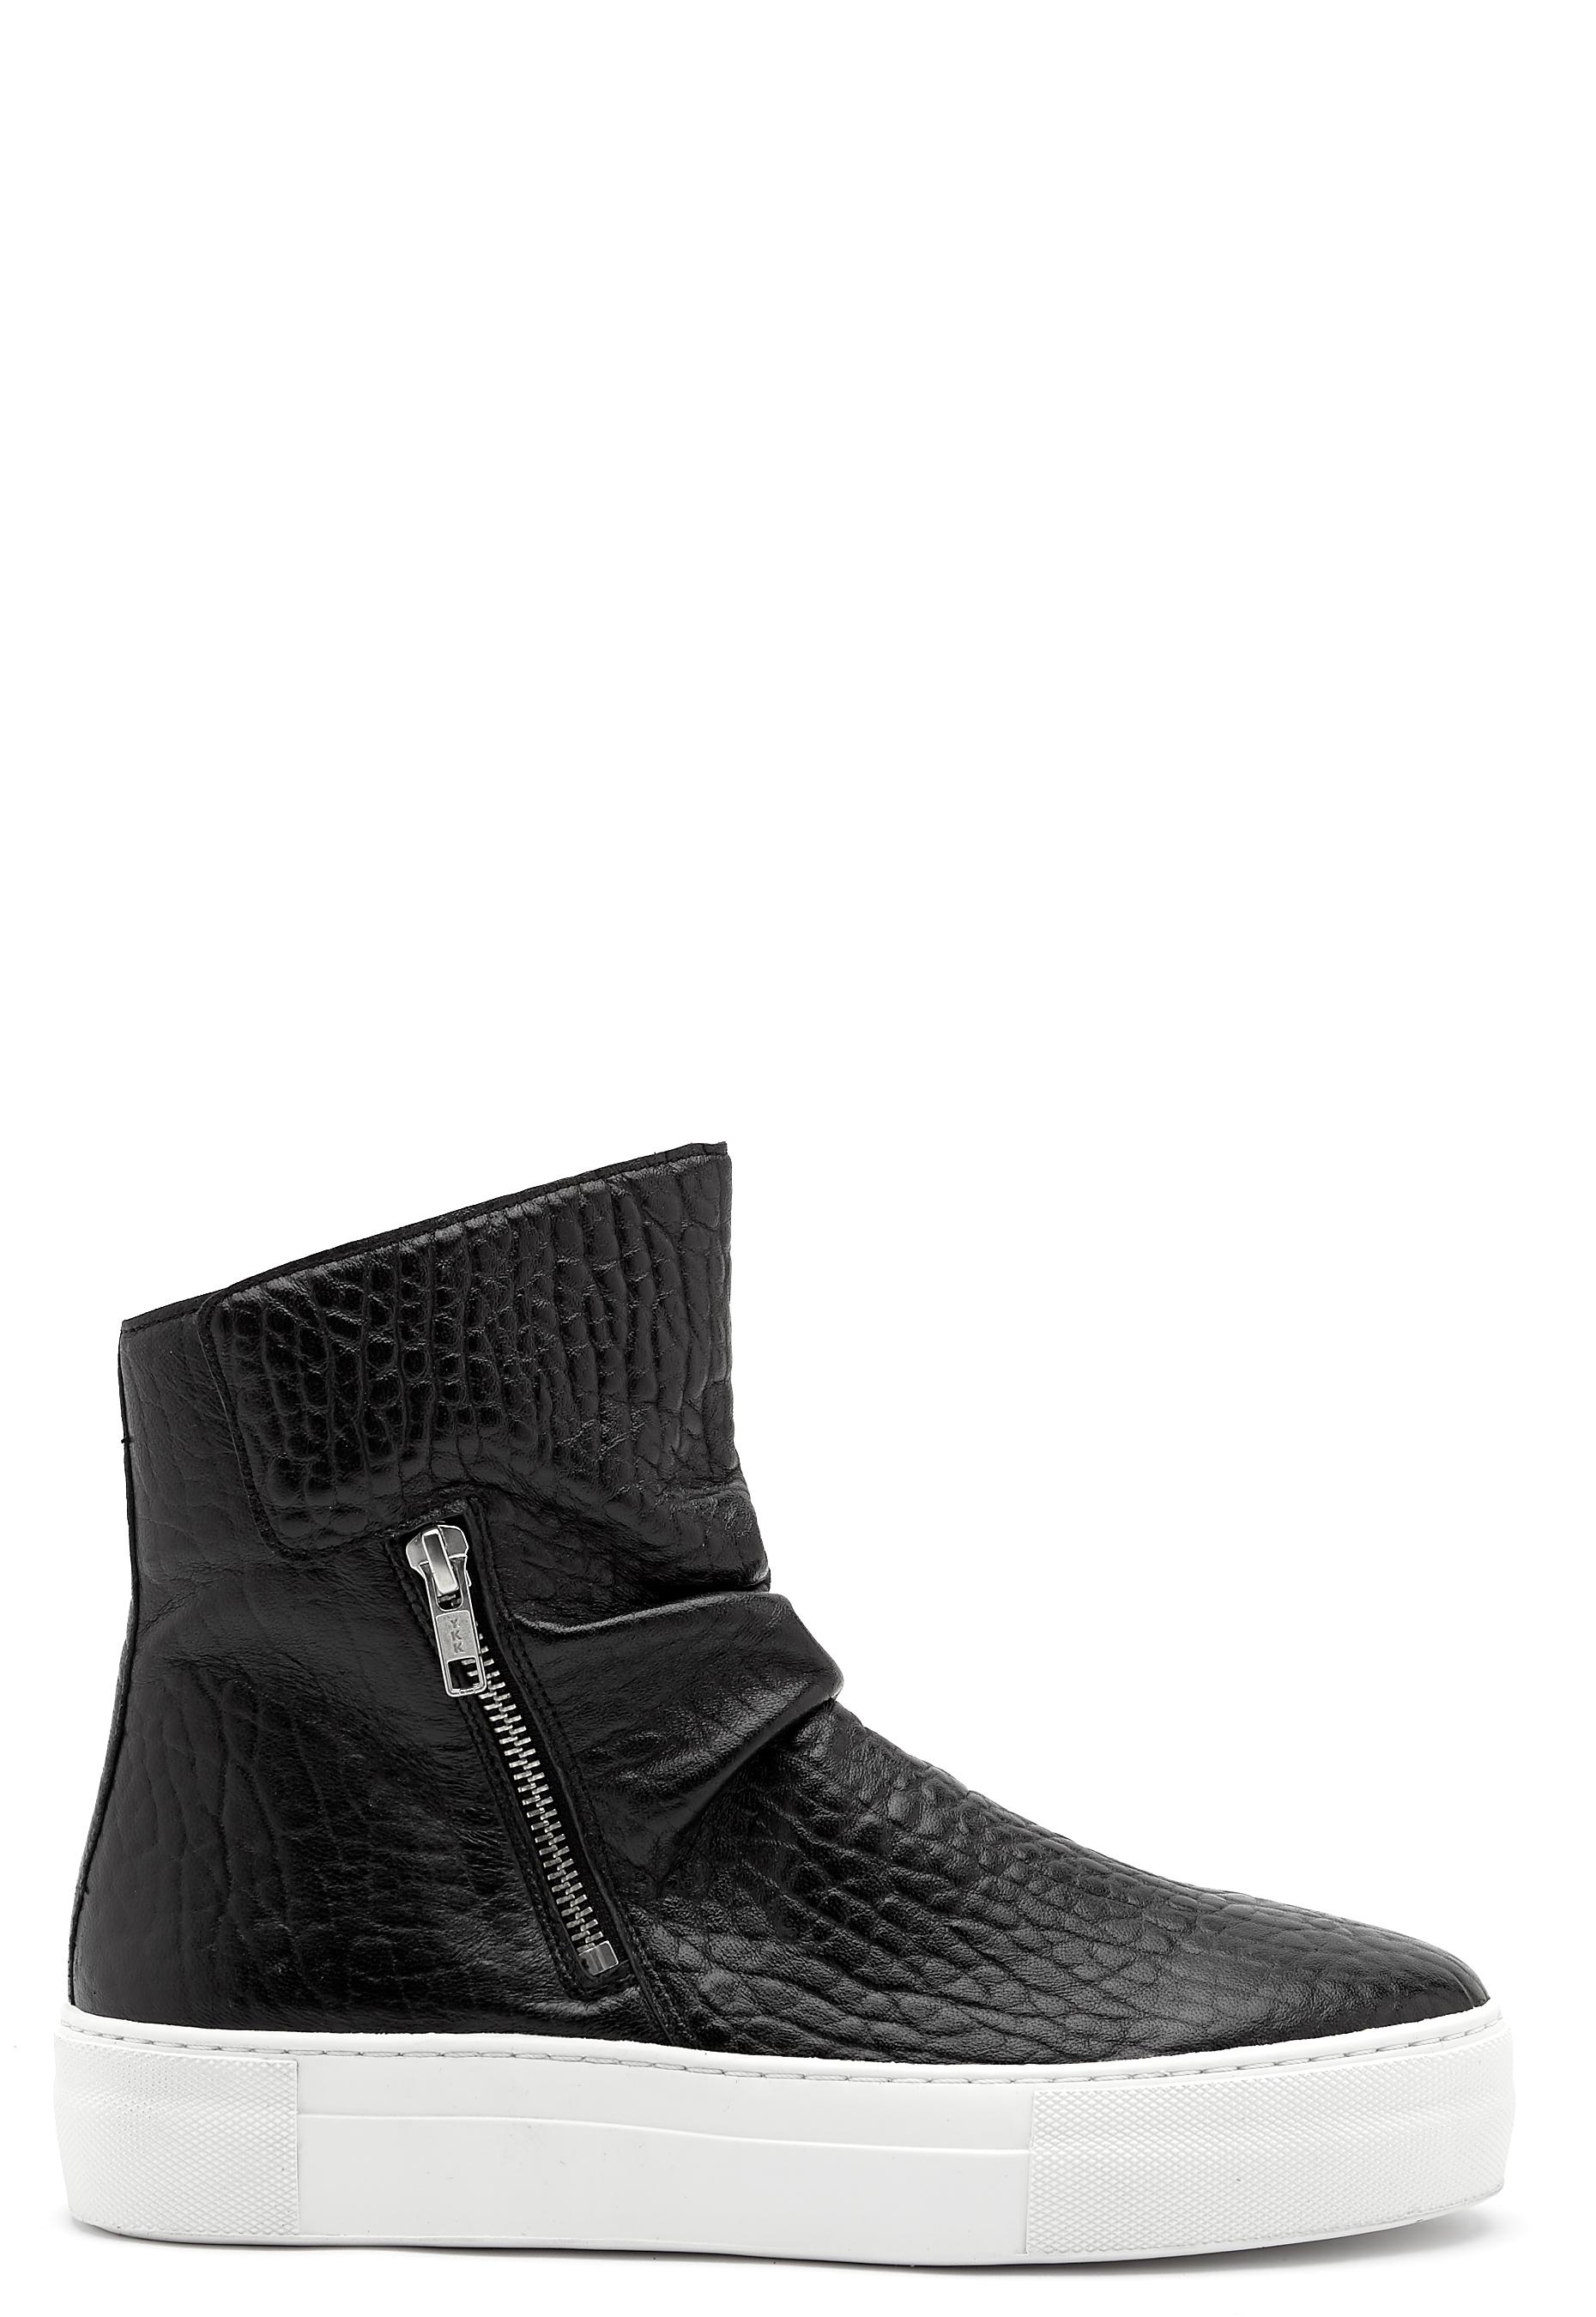 Billi Bi Black Sport Sneaker BlackWhite Bubbleroom